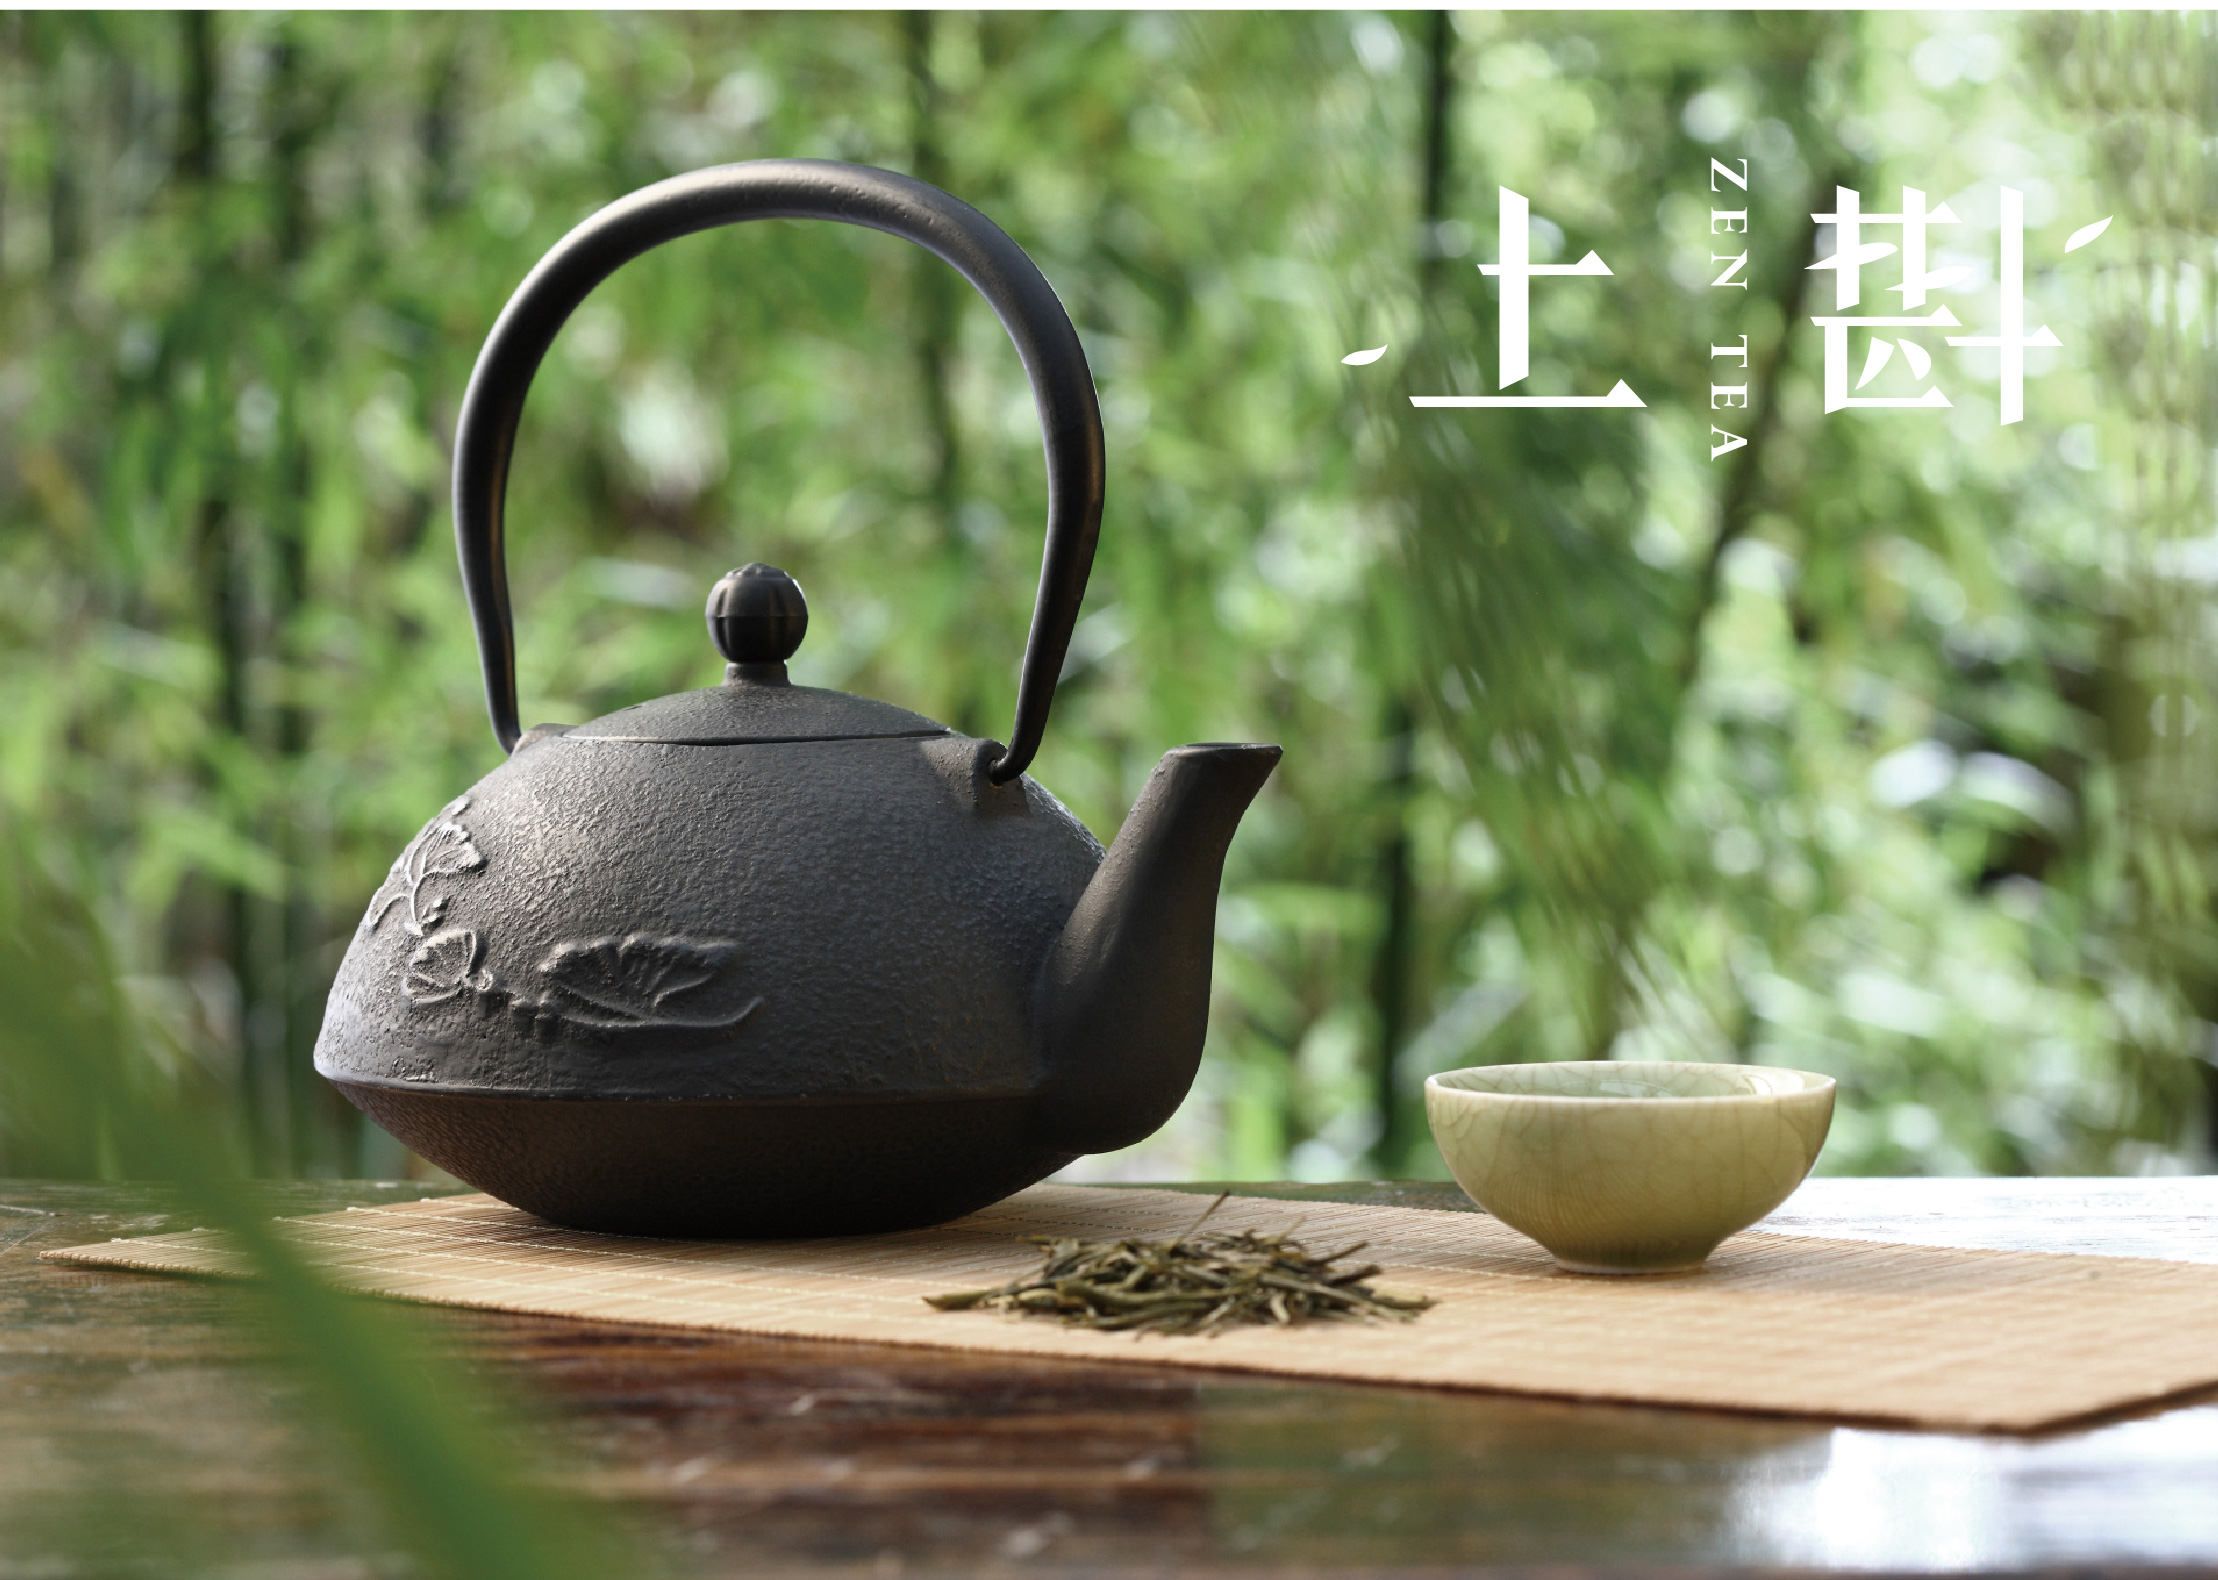 杭州vi设计在茶叶品牌vi设计时需注意的地方